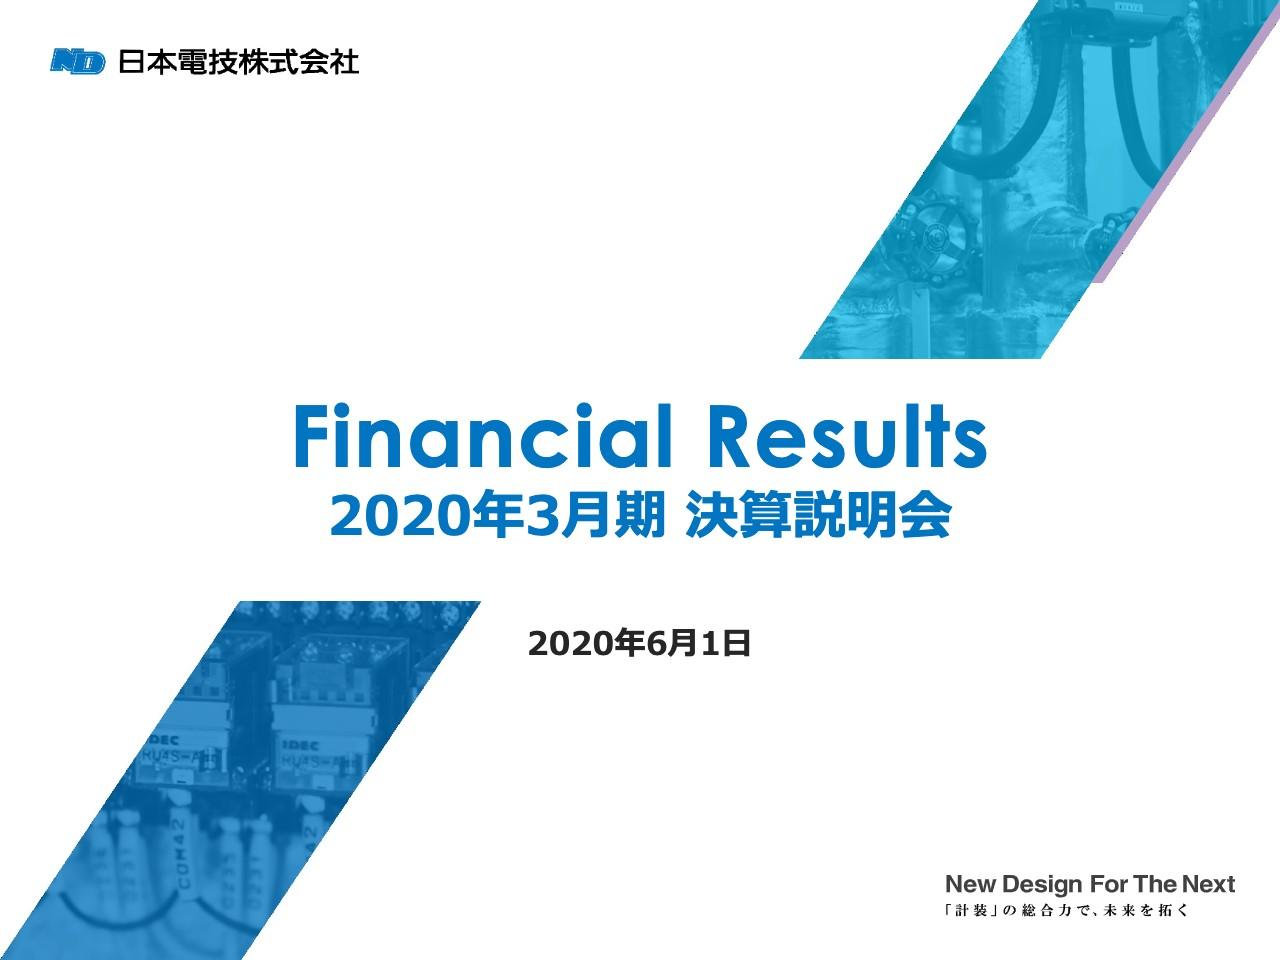 日本電技、通期は増収増益 営業利益は44億2千万円と当初計画値を上回り過去最高額を記録